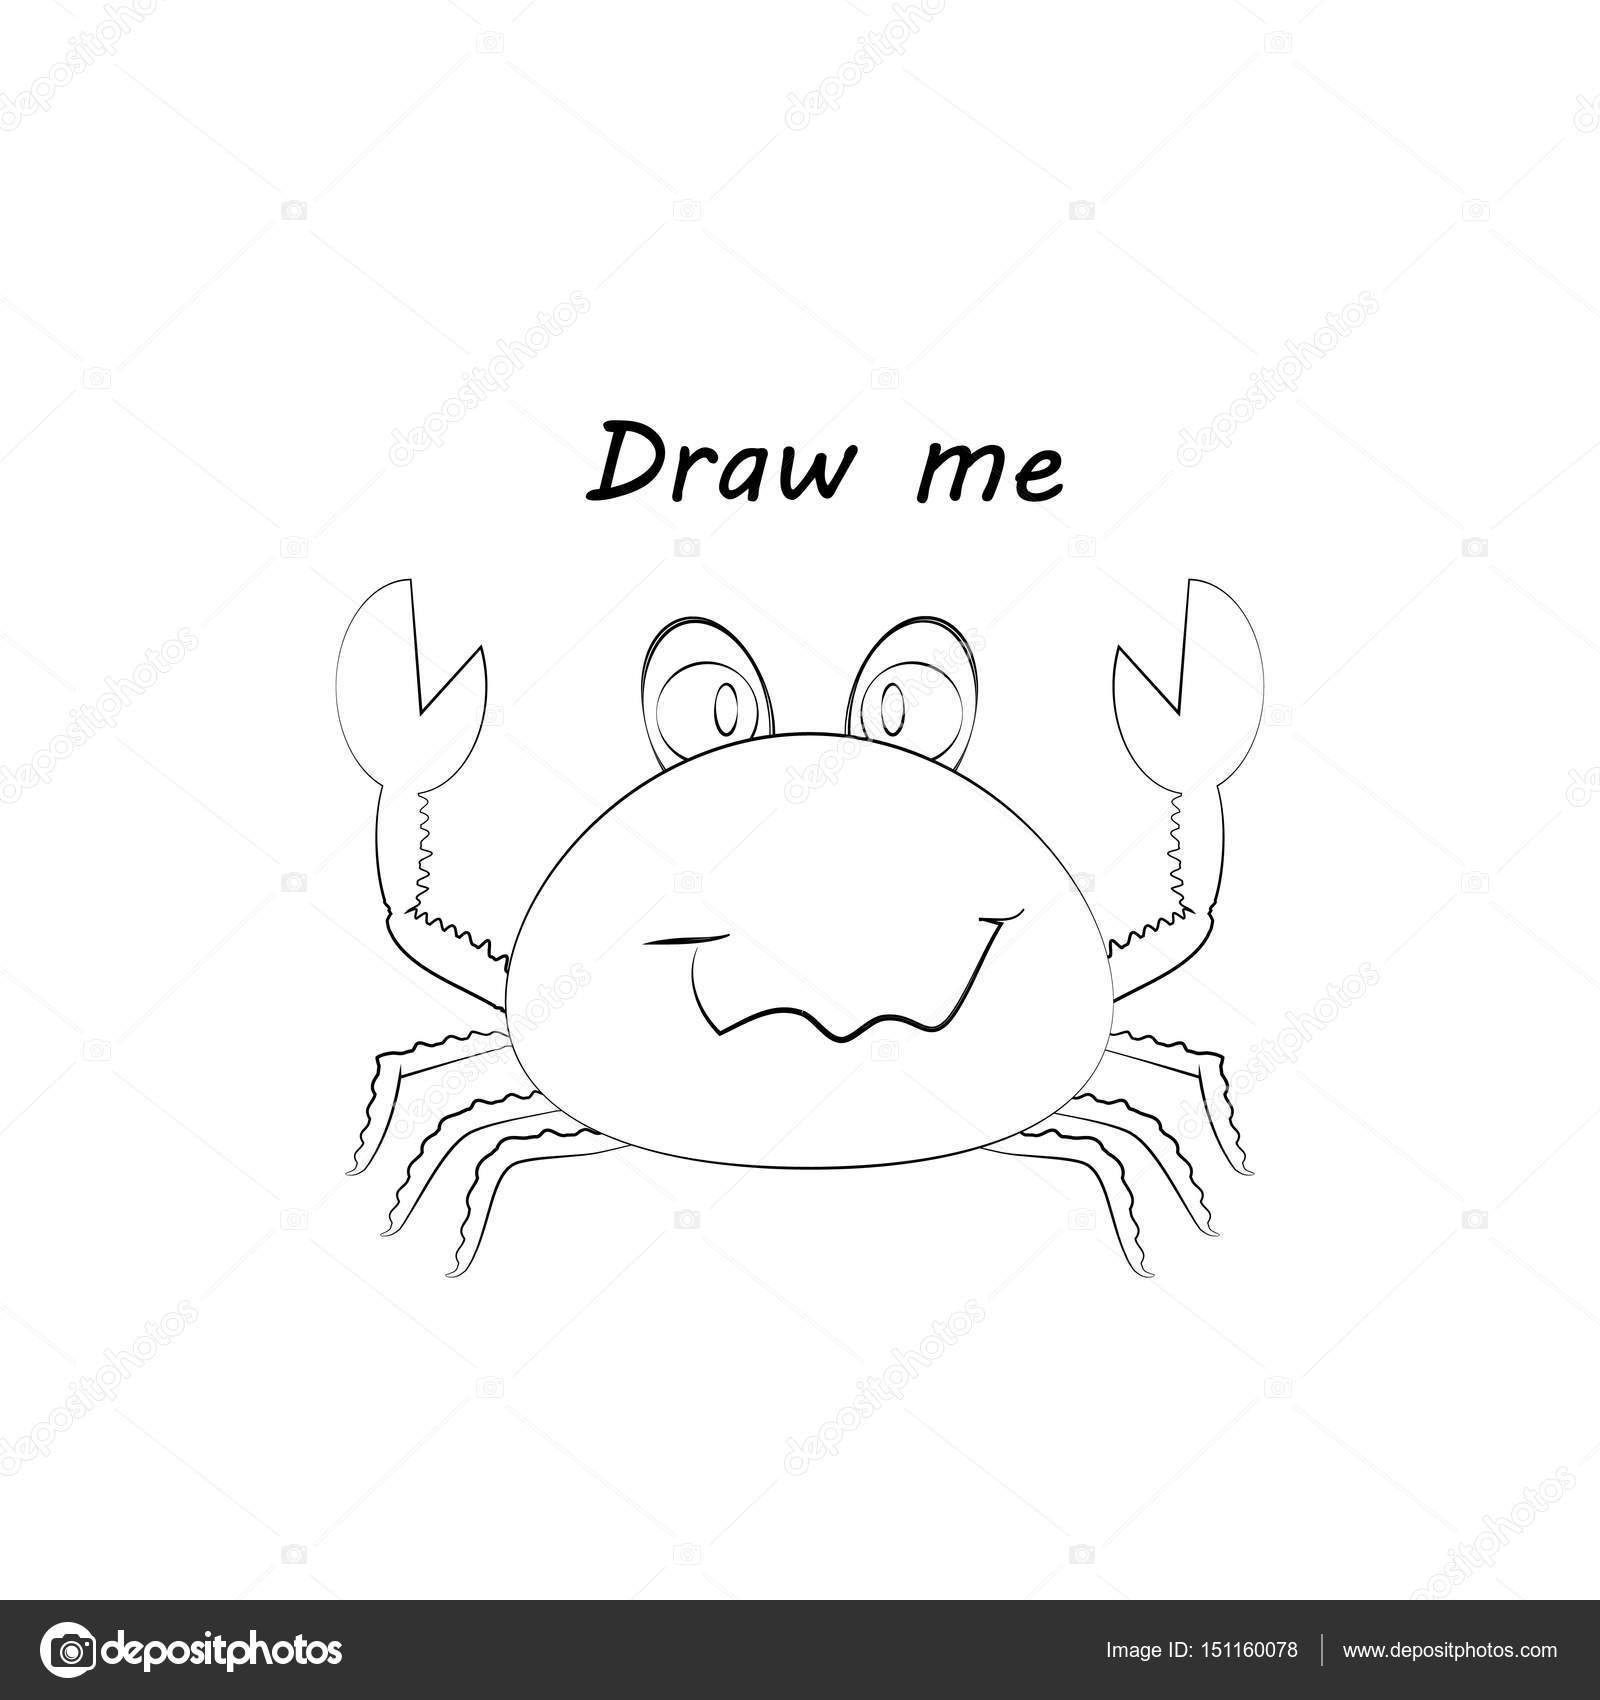 Dibujarme - vector ilustración de animales del mar. El cangrejo ...